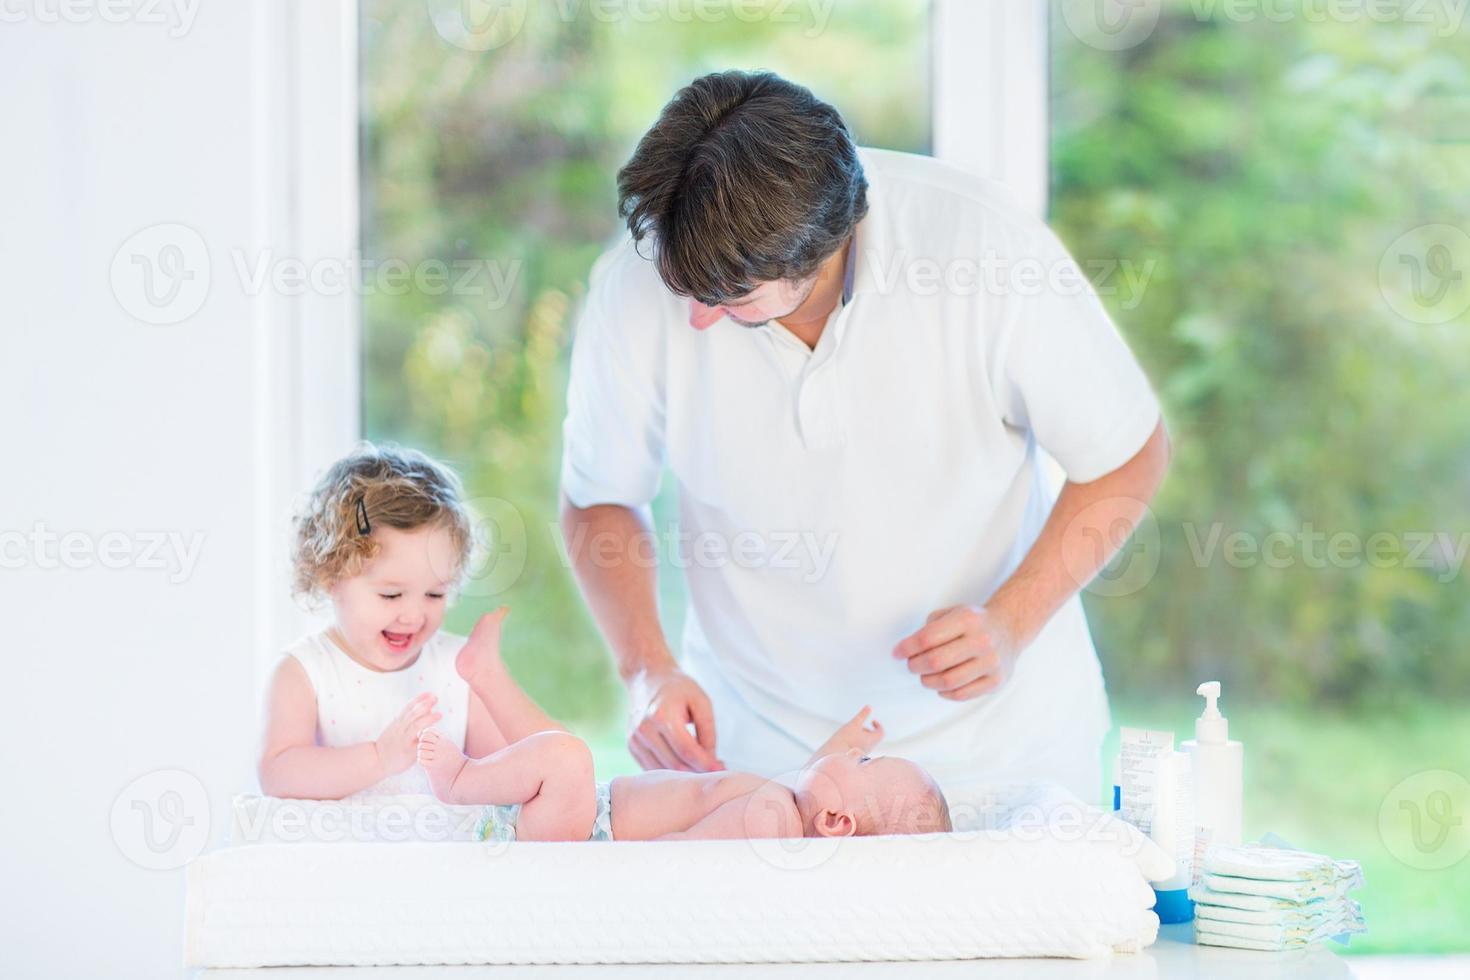 nyfött barn tittar på sin far och syster som byter blöja foto